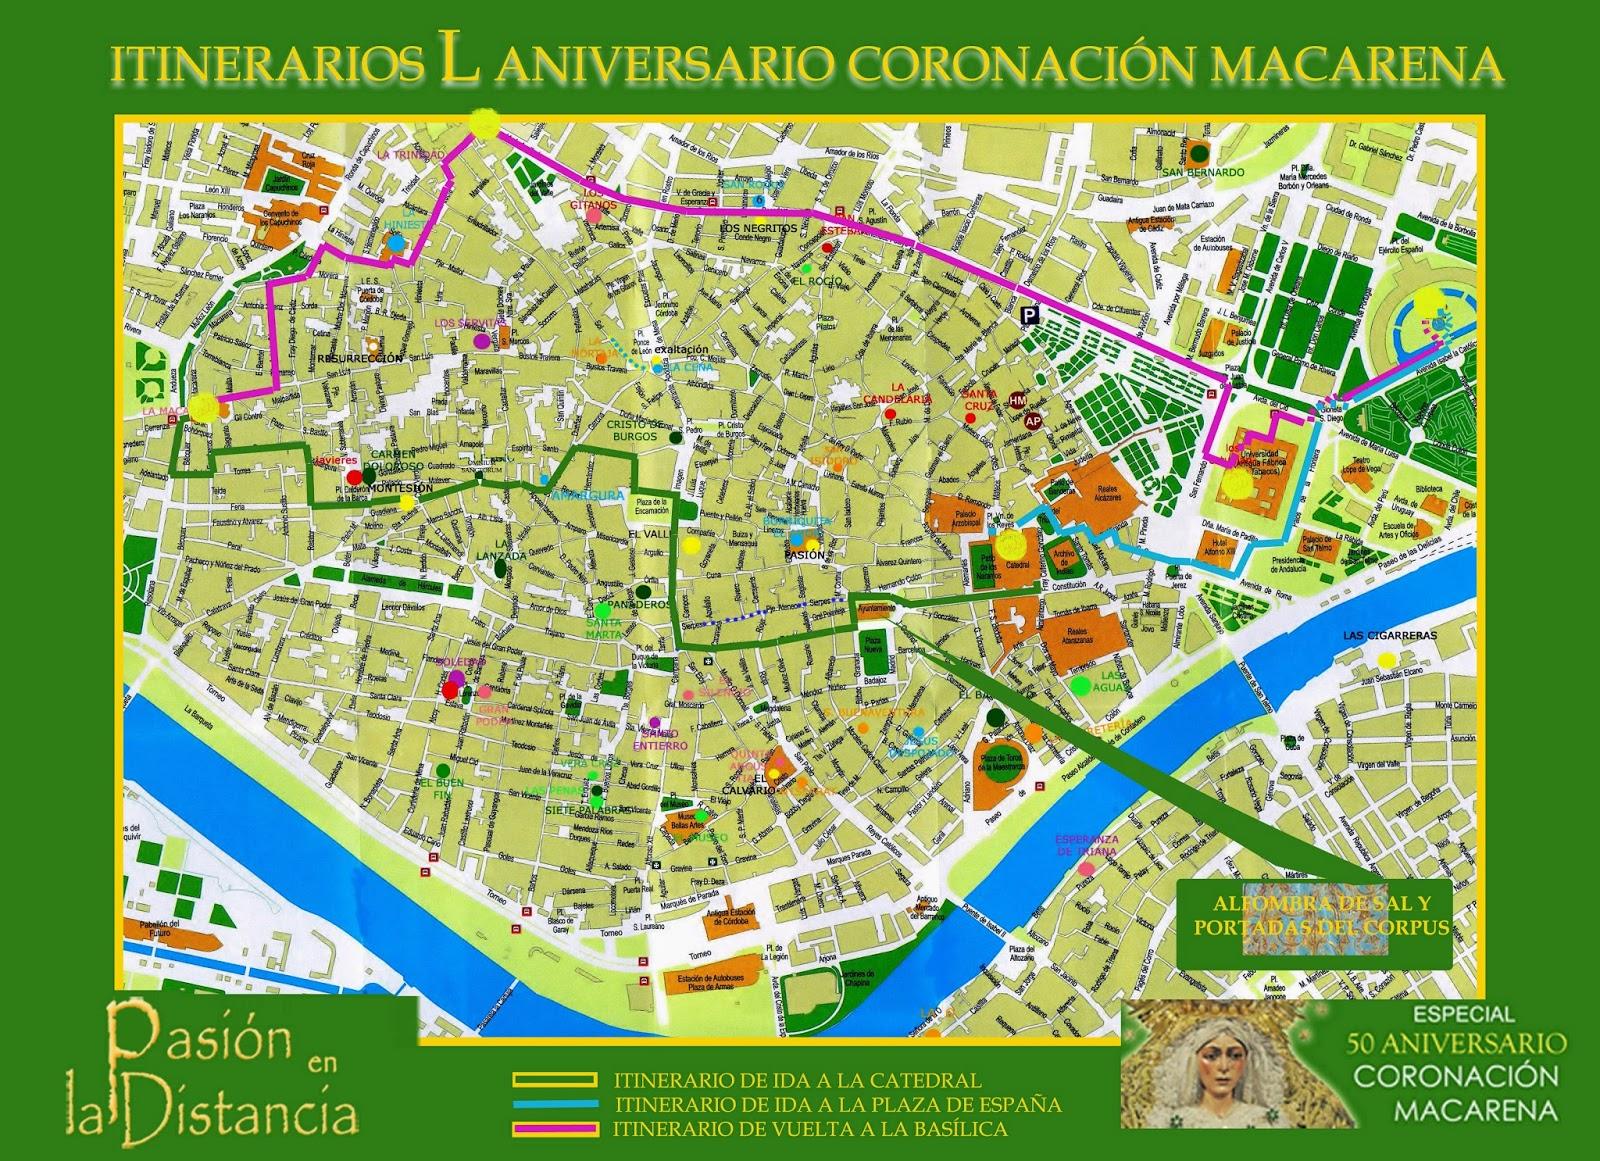 HORARIOS E ITINERARIOS 50 ANIVERSARIO CORONACIÓN  MACARENA